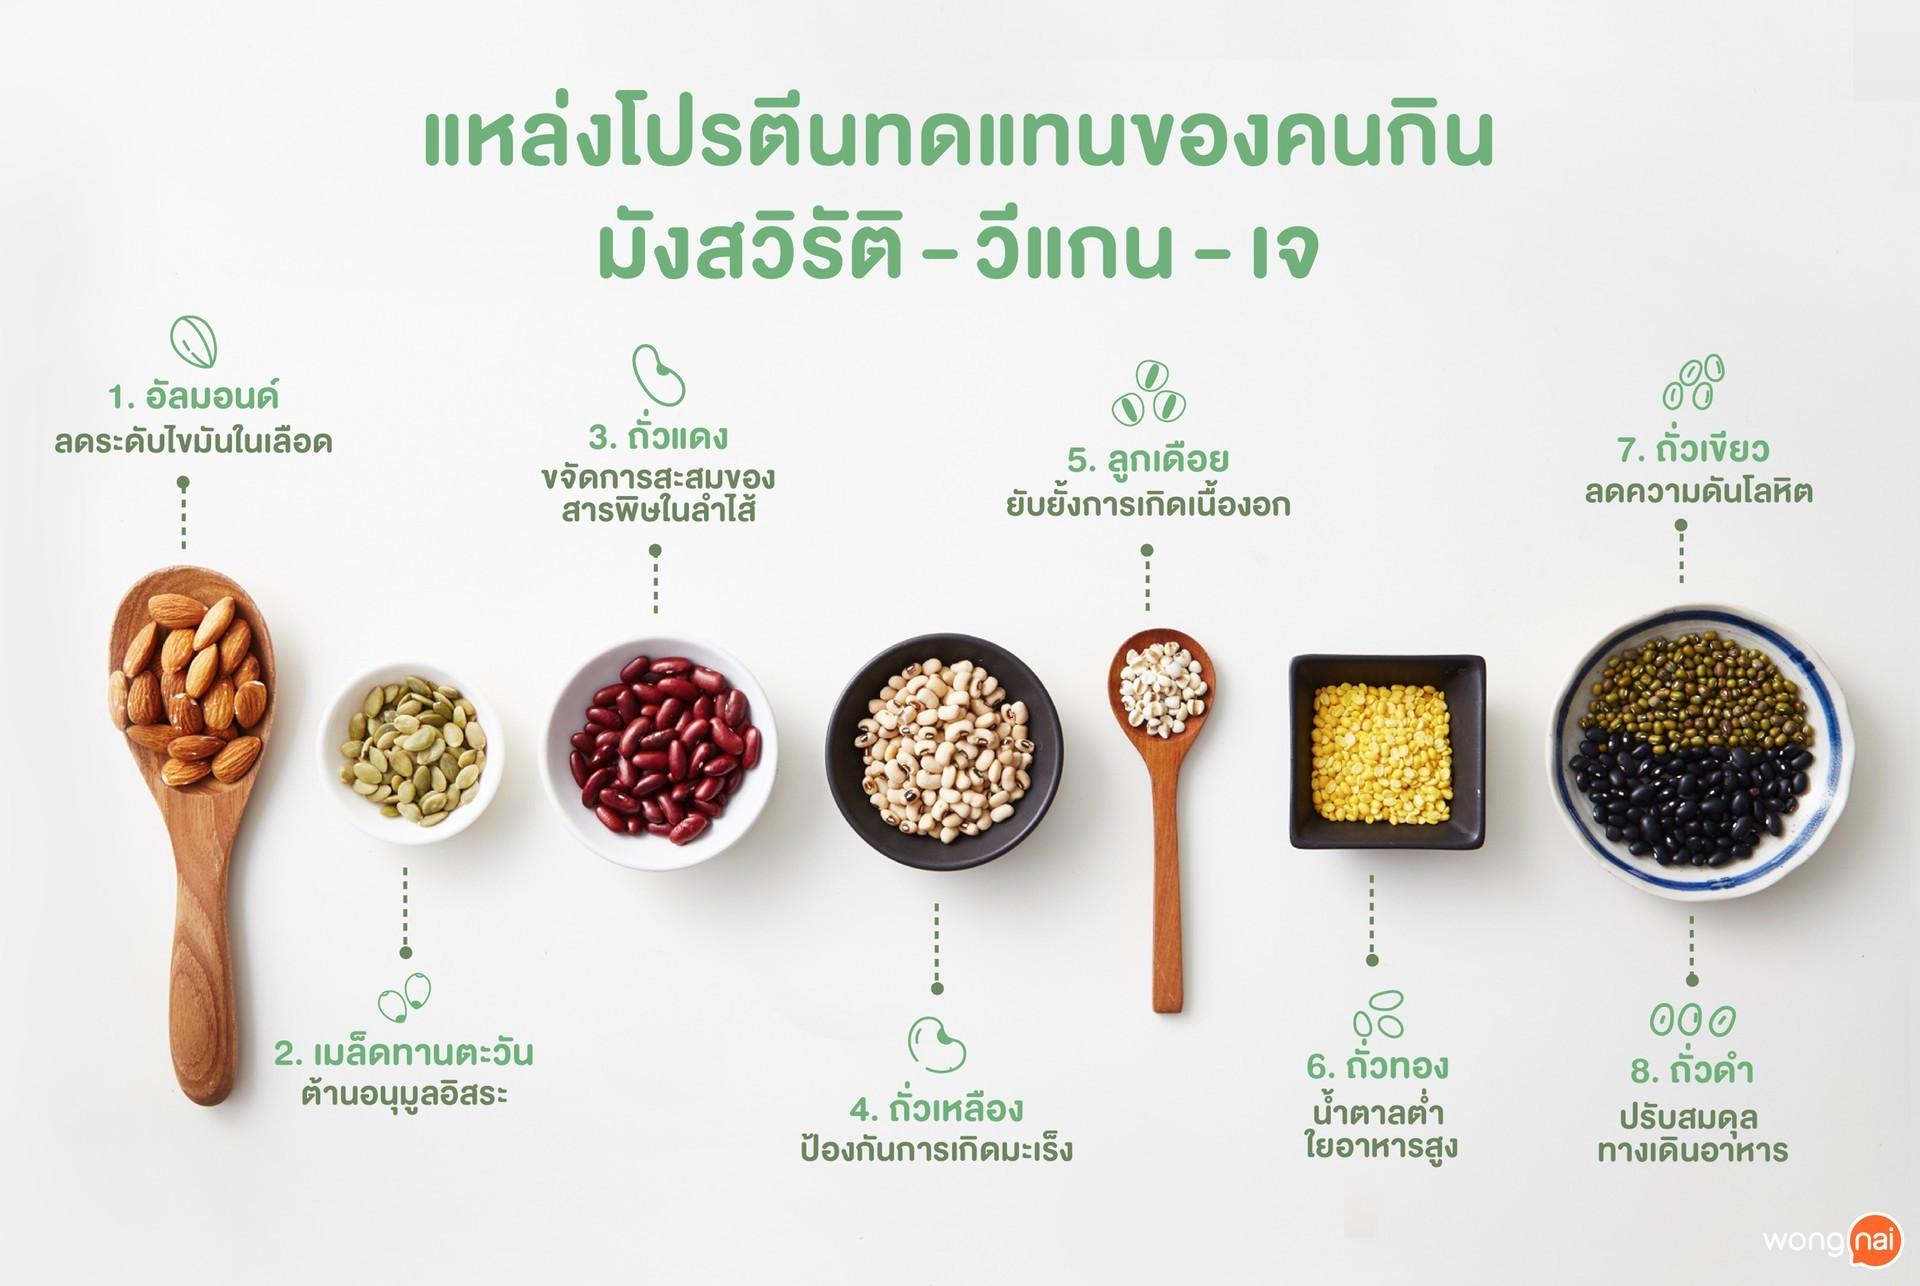 แหล่งโปรตีนทดแทน ของคนกินมังสวิรัติ - วีแกน - เจ